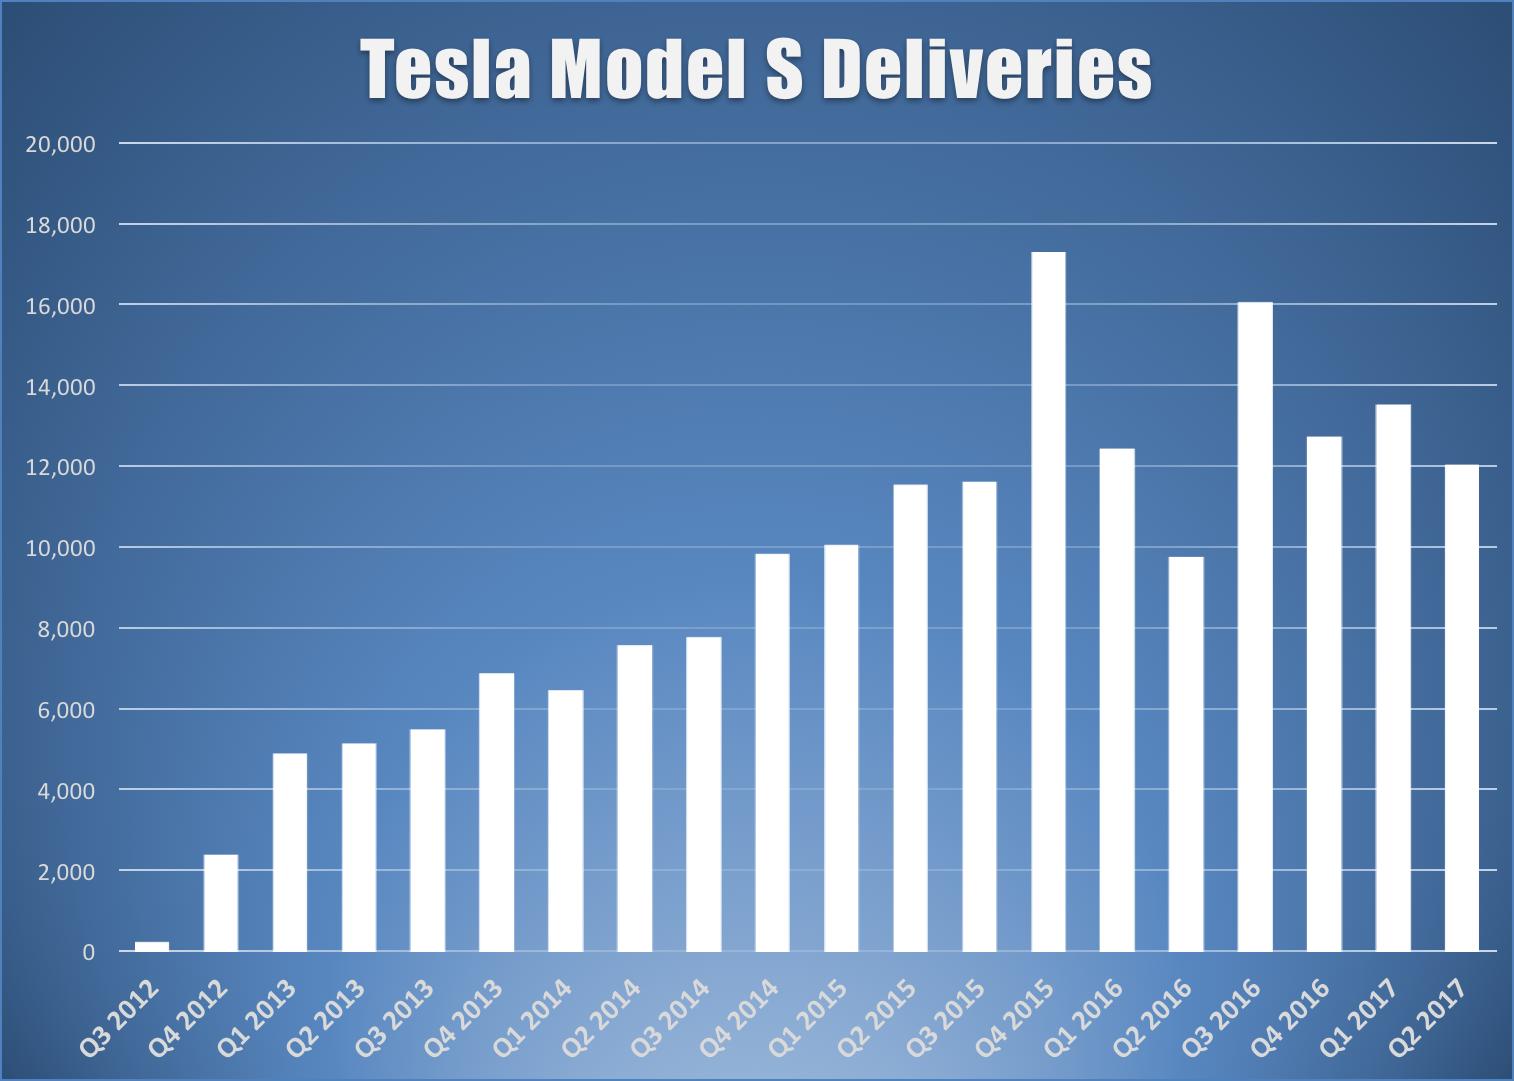 Bar chart showing Tesla's quarterly Model S deliveries